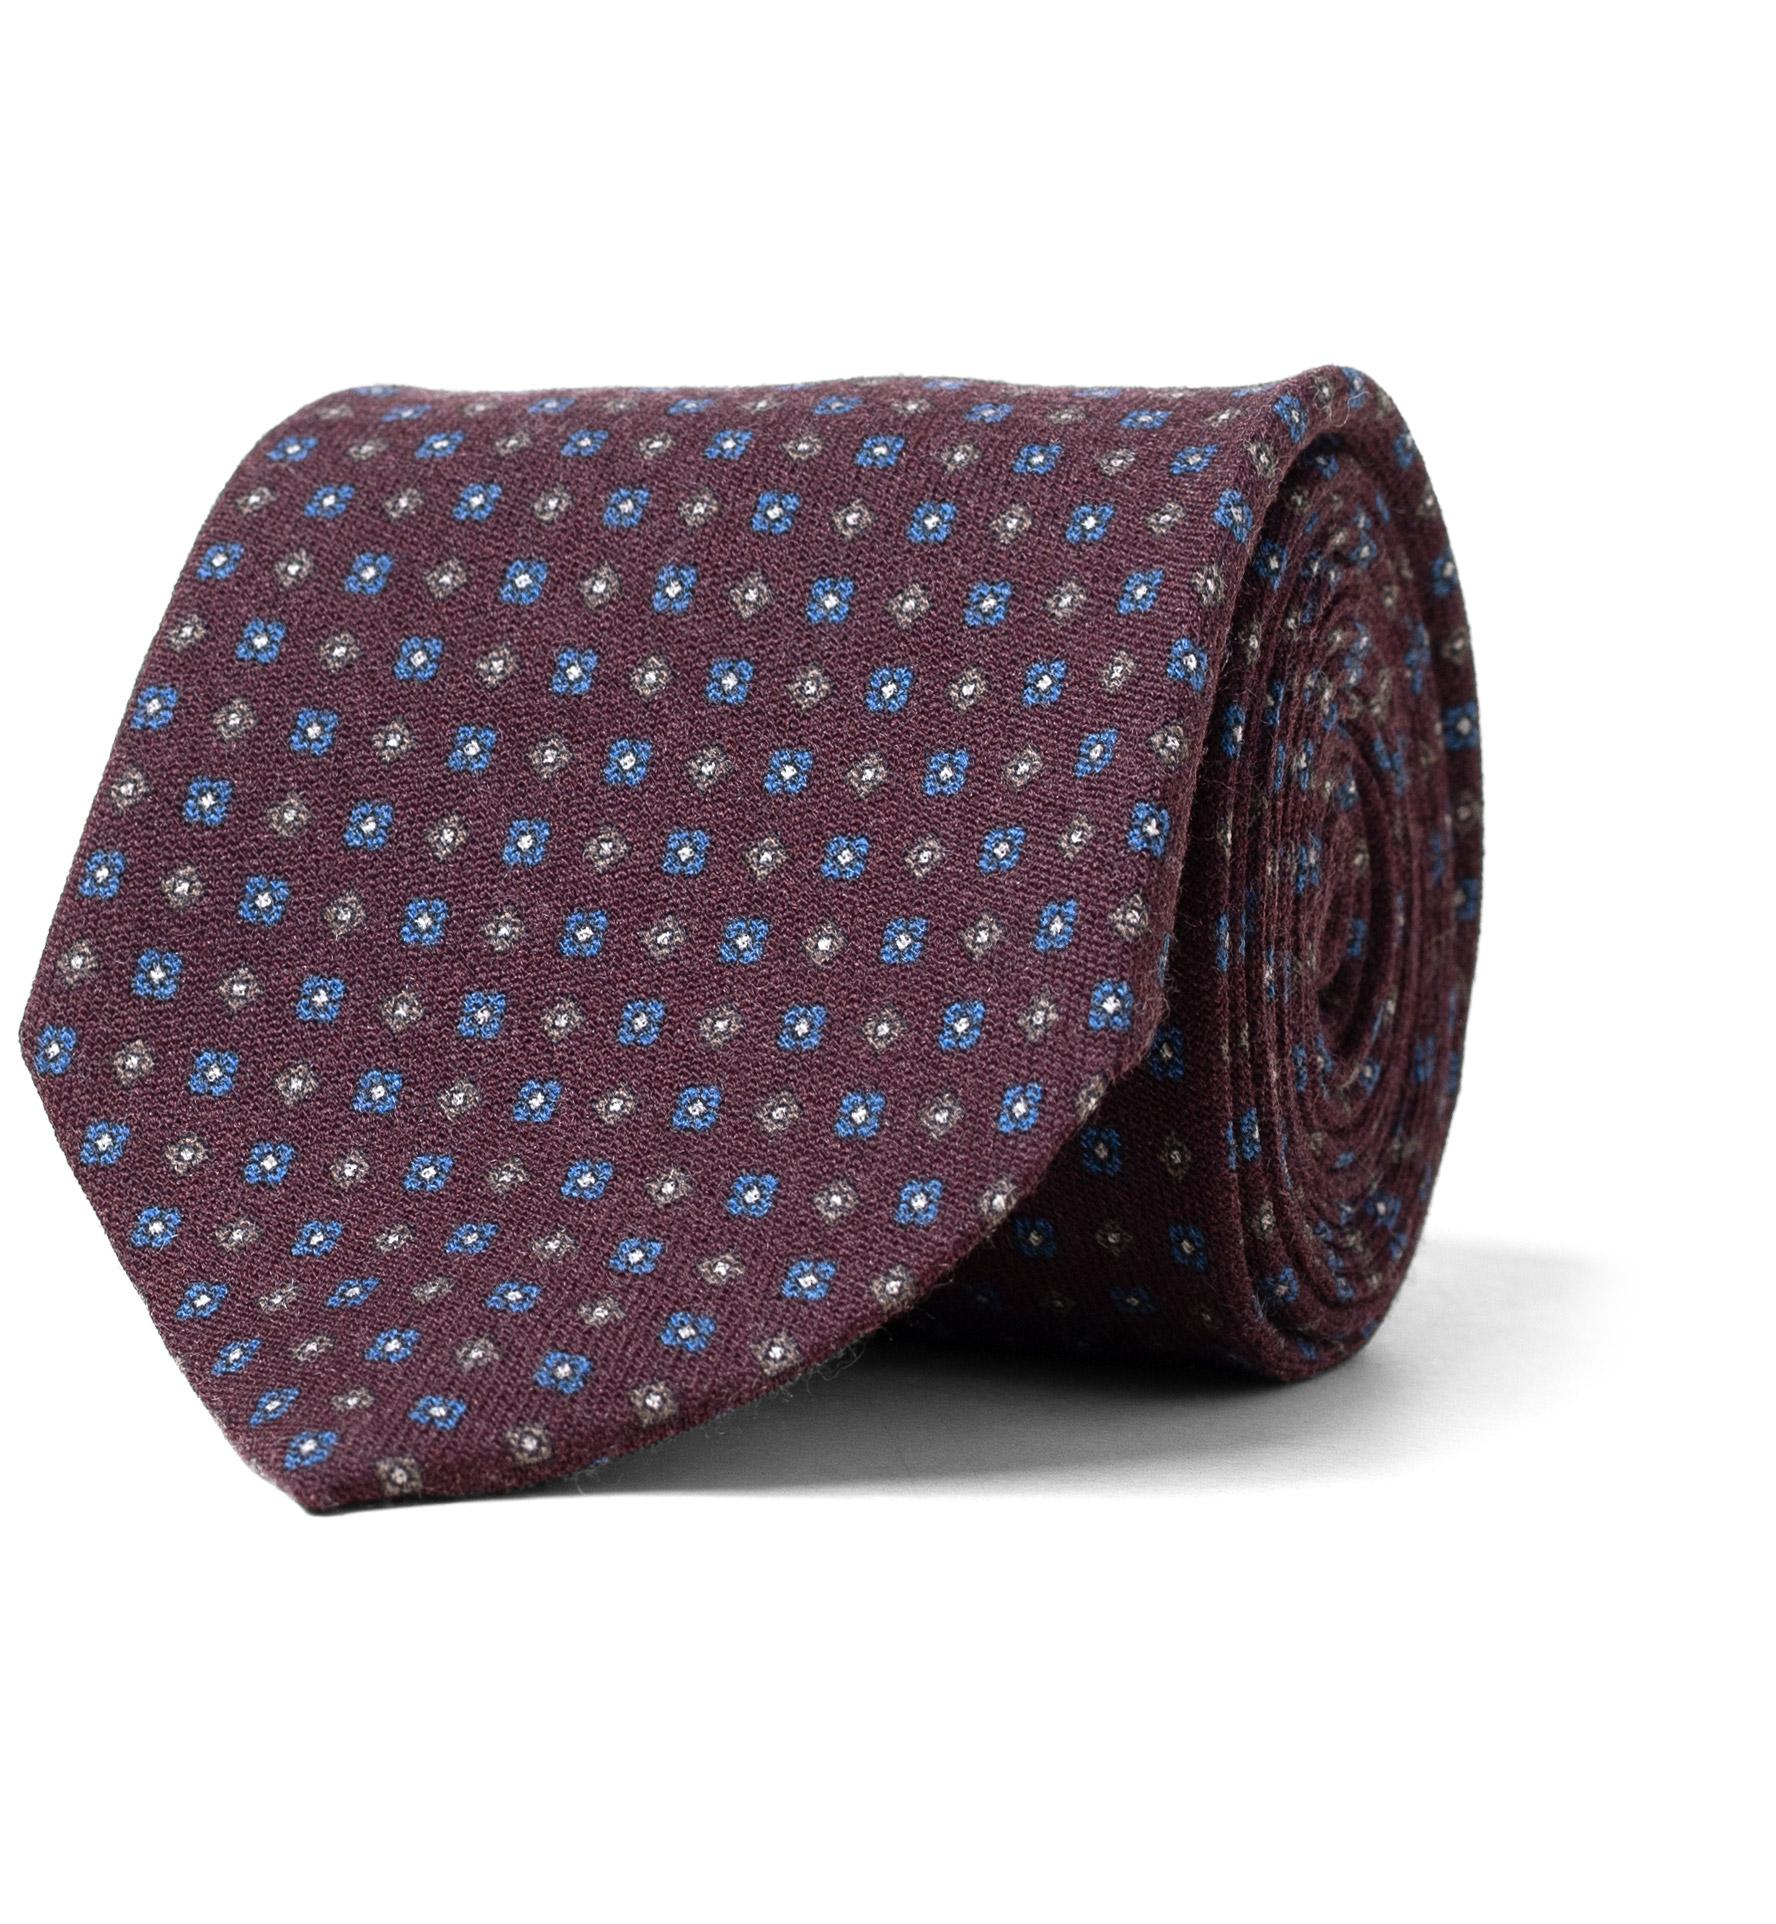 Zoom Image of Burgundy Small Foulard Wool Tie